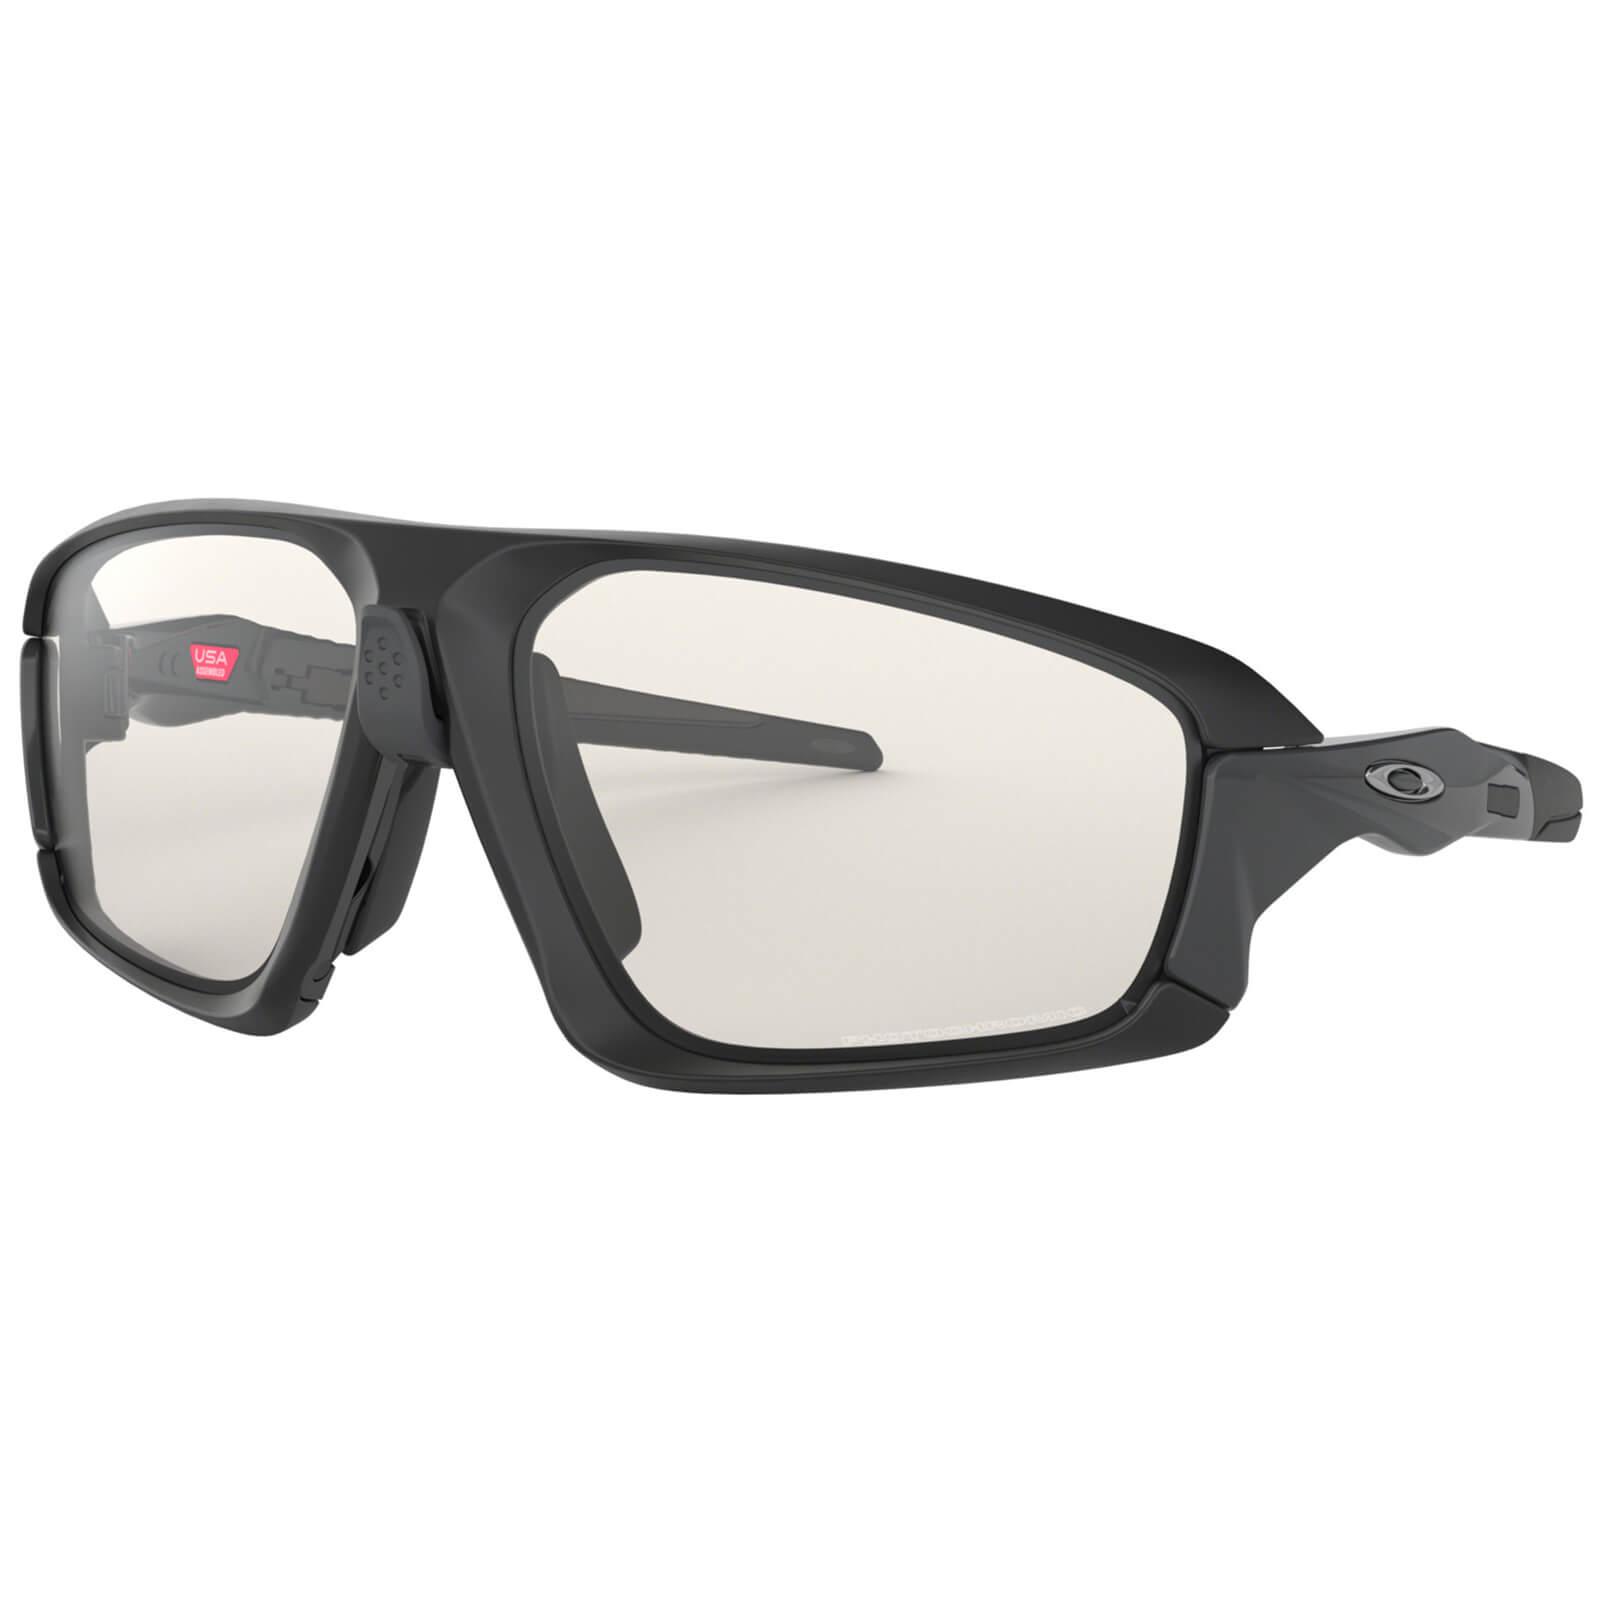 6550b83fc3 Oakley Field Jacket Photochromic Sunglasses - Matte Black Clear Black